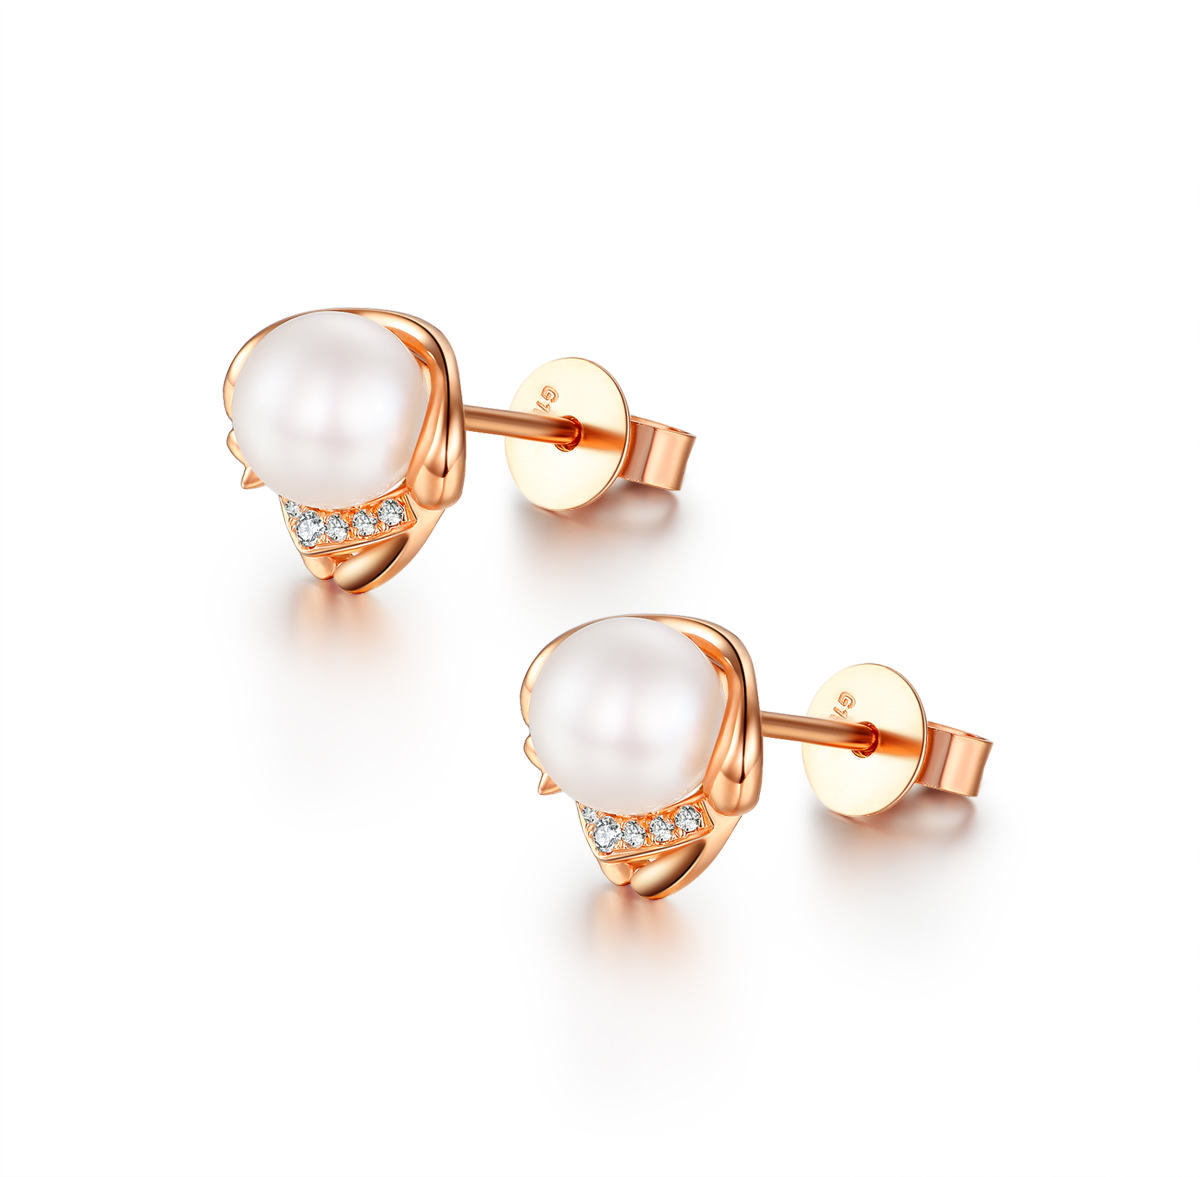 珍珠耳环价格